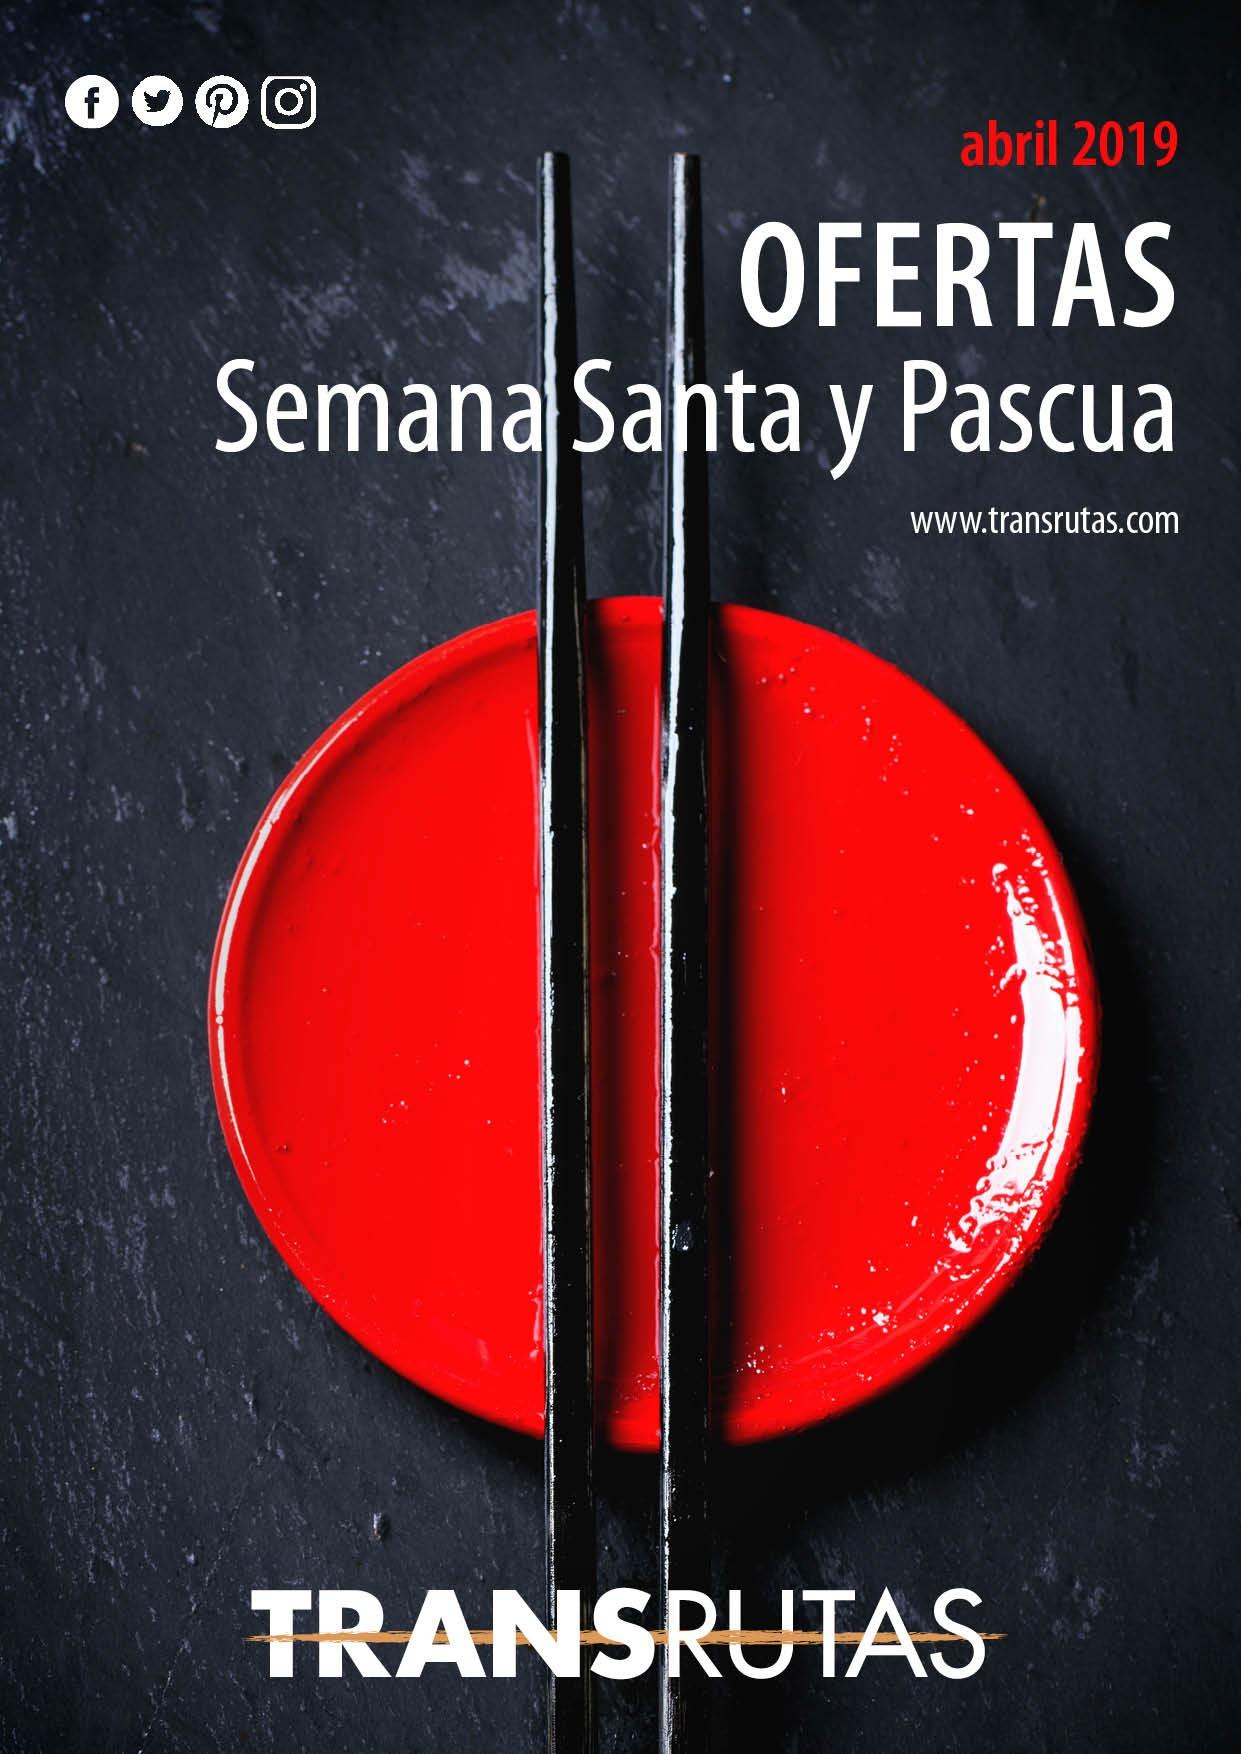 Calendario 2019 Semana Santa Y Pascua Más Arriba-a-fecha Pascua 2019 Of Calendario 2019 Semana Santa Y Pascua Más Populares Calaméo Gara